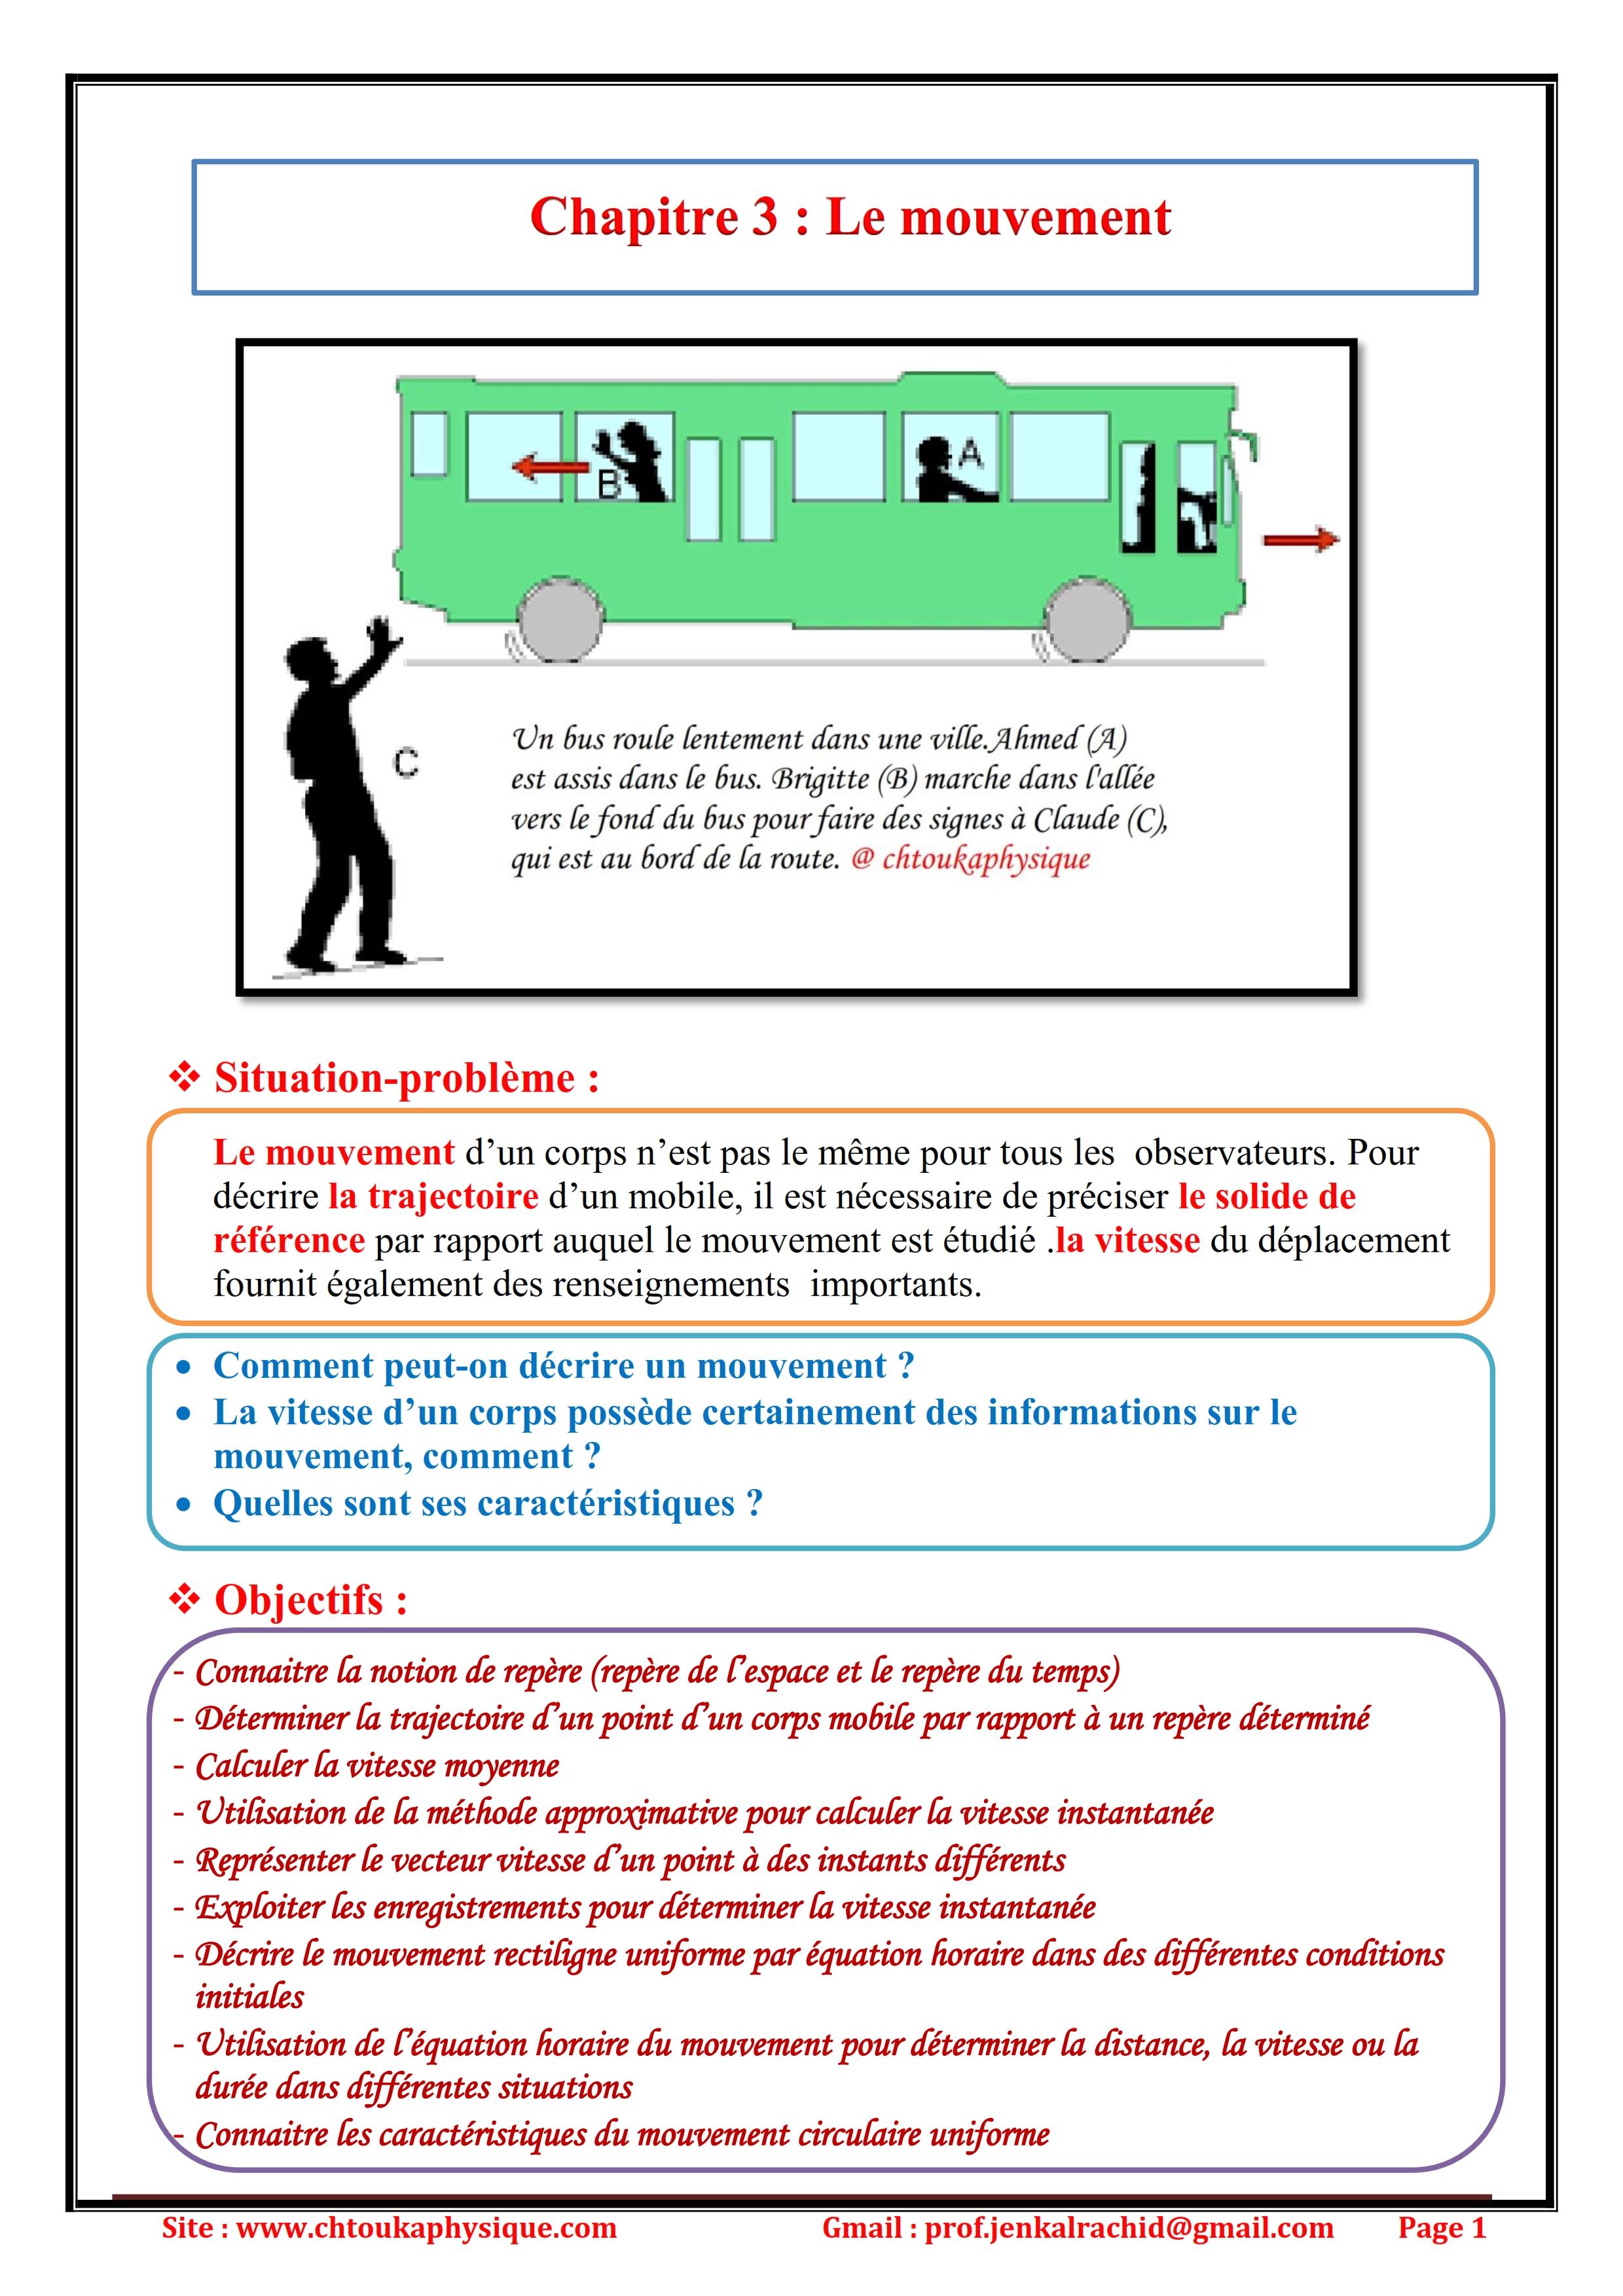 Chapitre 3 : Le mouvement , Cours , Activités , Exercices d'application , Pr JENKAL RACHID